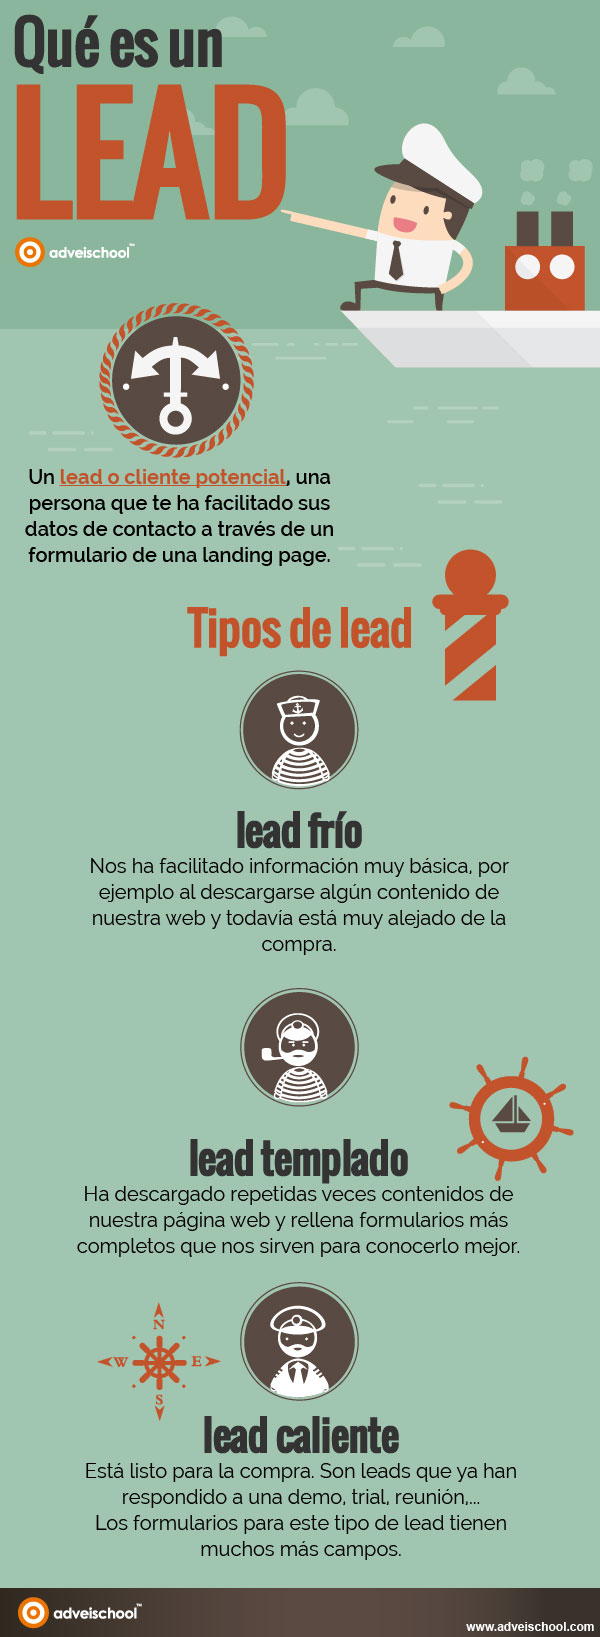 Qué es un Lead y Tipos